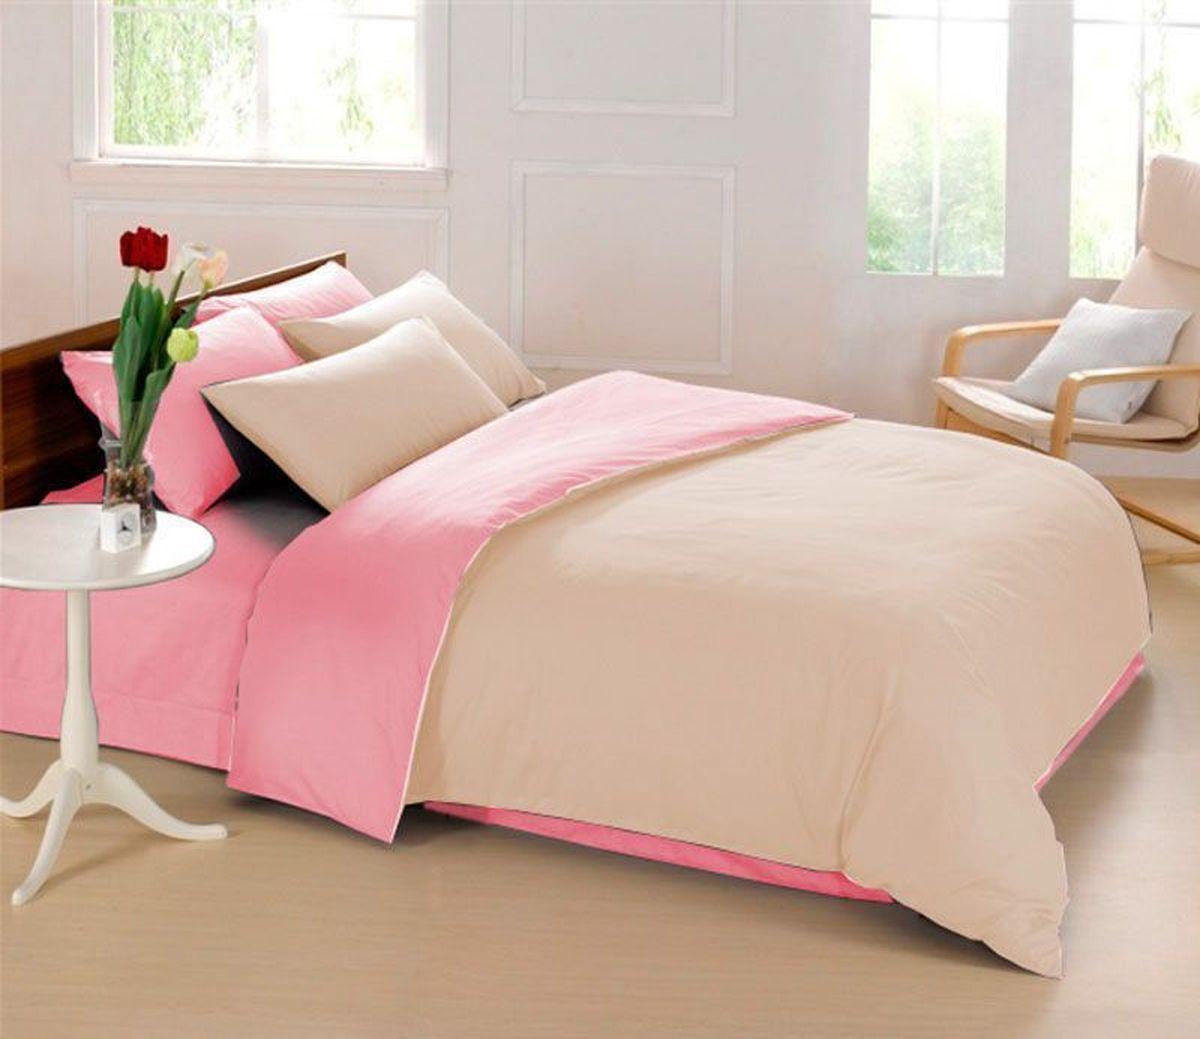 Комплект белья Sleep iX Perfection, семейный, наволочки 50х70, 70х70,цвет: розовый, бежевый115918Комплект постельного белья Sleep iX Perfection состоит из двух пододеяльников, простыни и четырех наволочек. Предметы комплекта выполнены из абсолютно гипоаллергенной микрофибры, неприхотливой в уходе.Благодаря такому комплекту постельного белья вы сможете создать атмосферу уюта и комфорта в вашей спальне.Известно, что цвет напрямую воздействует на психологическое и физическое состояние человека. Бежевый – обладает внутренней теплотой, заряжает положительной энергетикой и способствует формированию душевной гармонии. Человек ощущает себя в окружении бежевого цвета очень спокойно. Розовый – нежный и сентиментальный цвет. Обеспечивает здоровый сон, способствует мышечному расслаблению, успокаивает нервную систему.